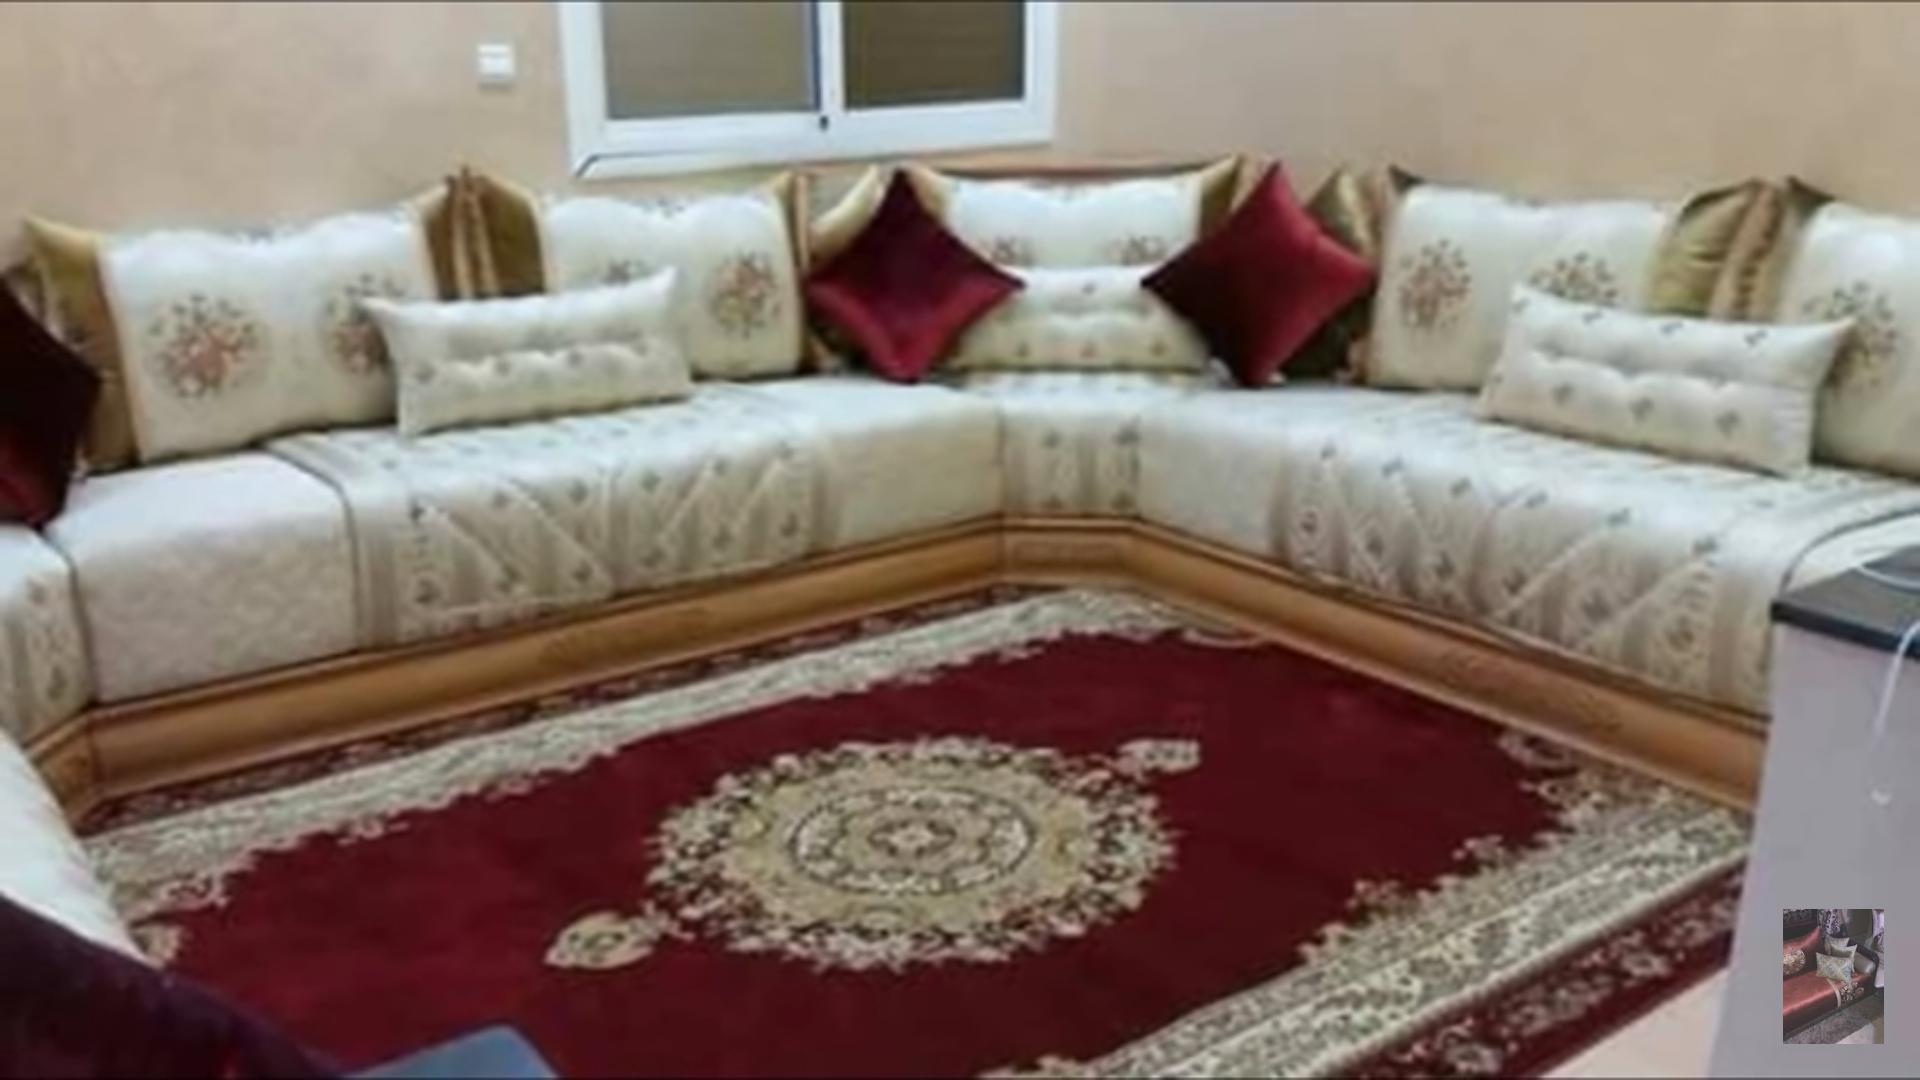 صالونات مغربية عصرية بالصور اجمل الصالونات المغربية الحديثة Sectional Couch Home Decor Furniture